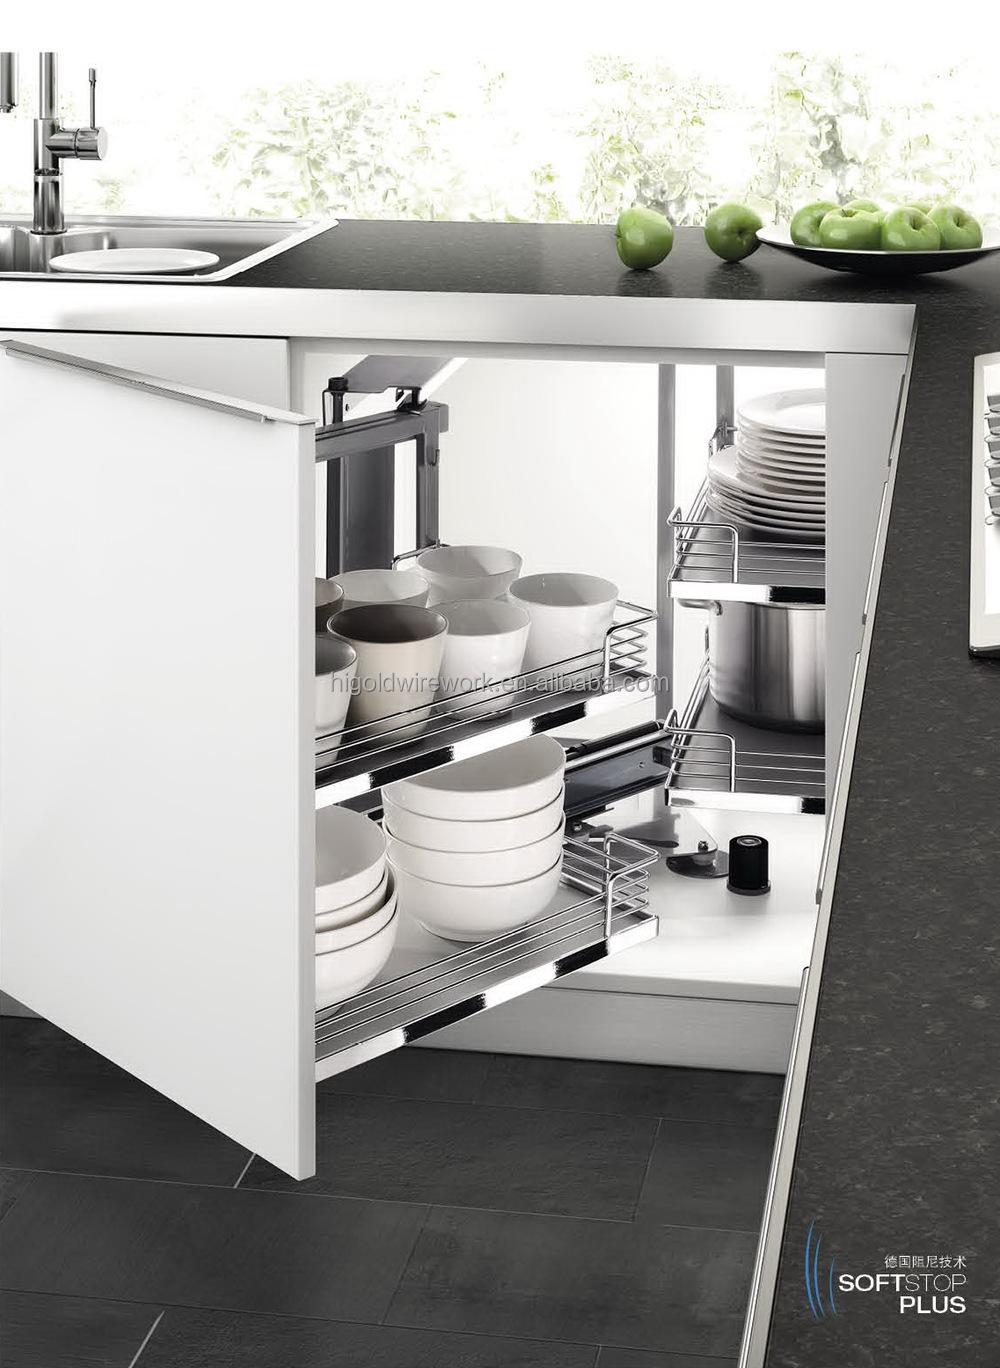 China Supplier Kitchen Cabinet Storage Magic Corner Basket